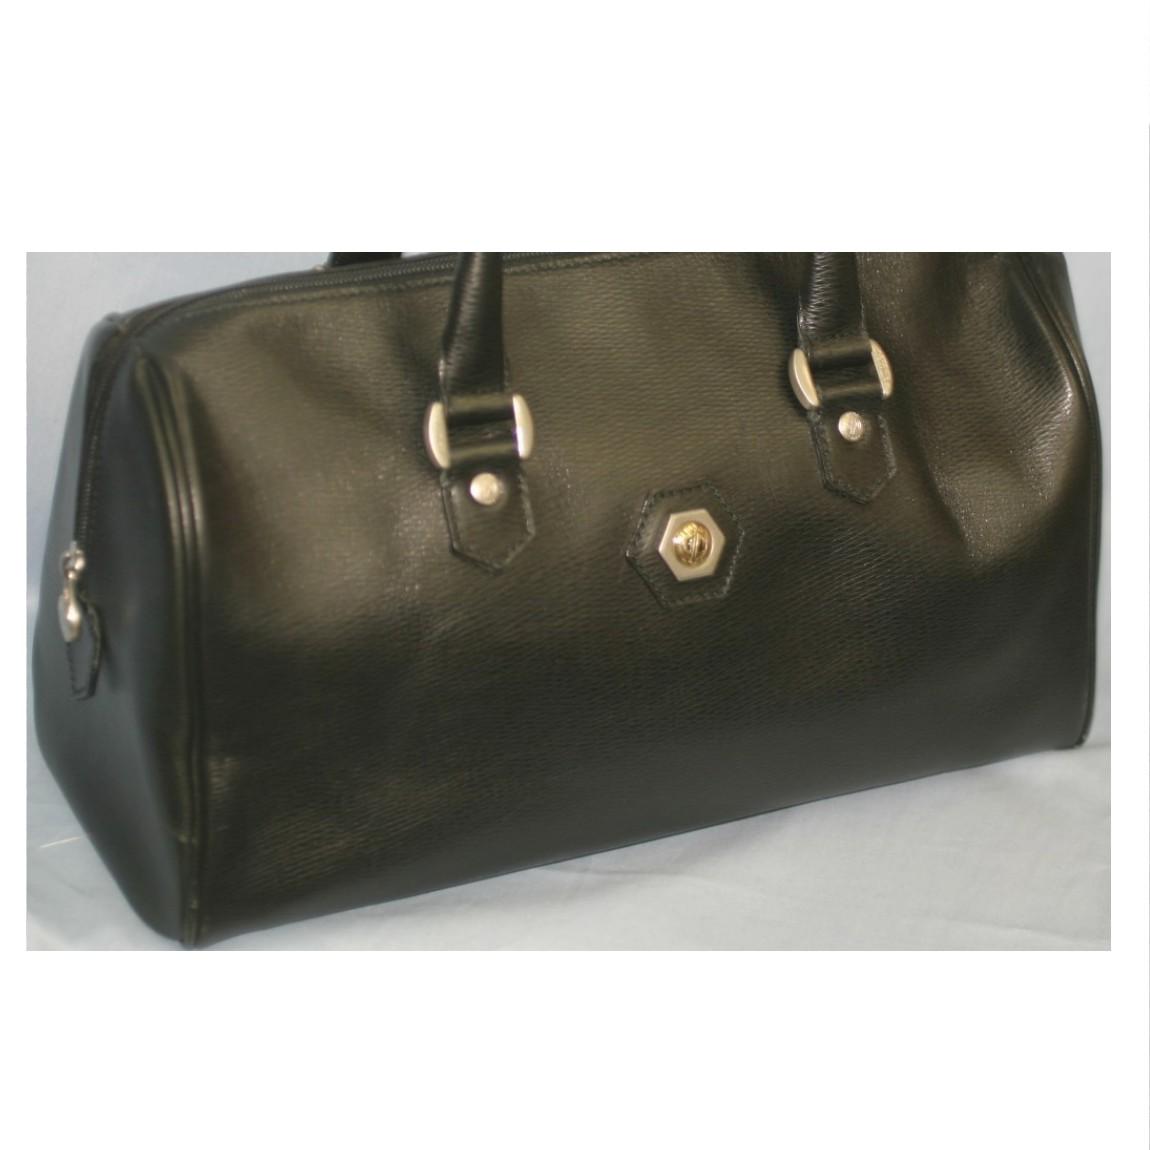 【中古】本物美品レノマ男女兼用35センチ黒ボコボコした革旅行鞄ボストンバッグ ○C9-538